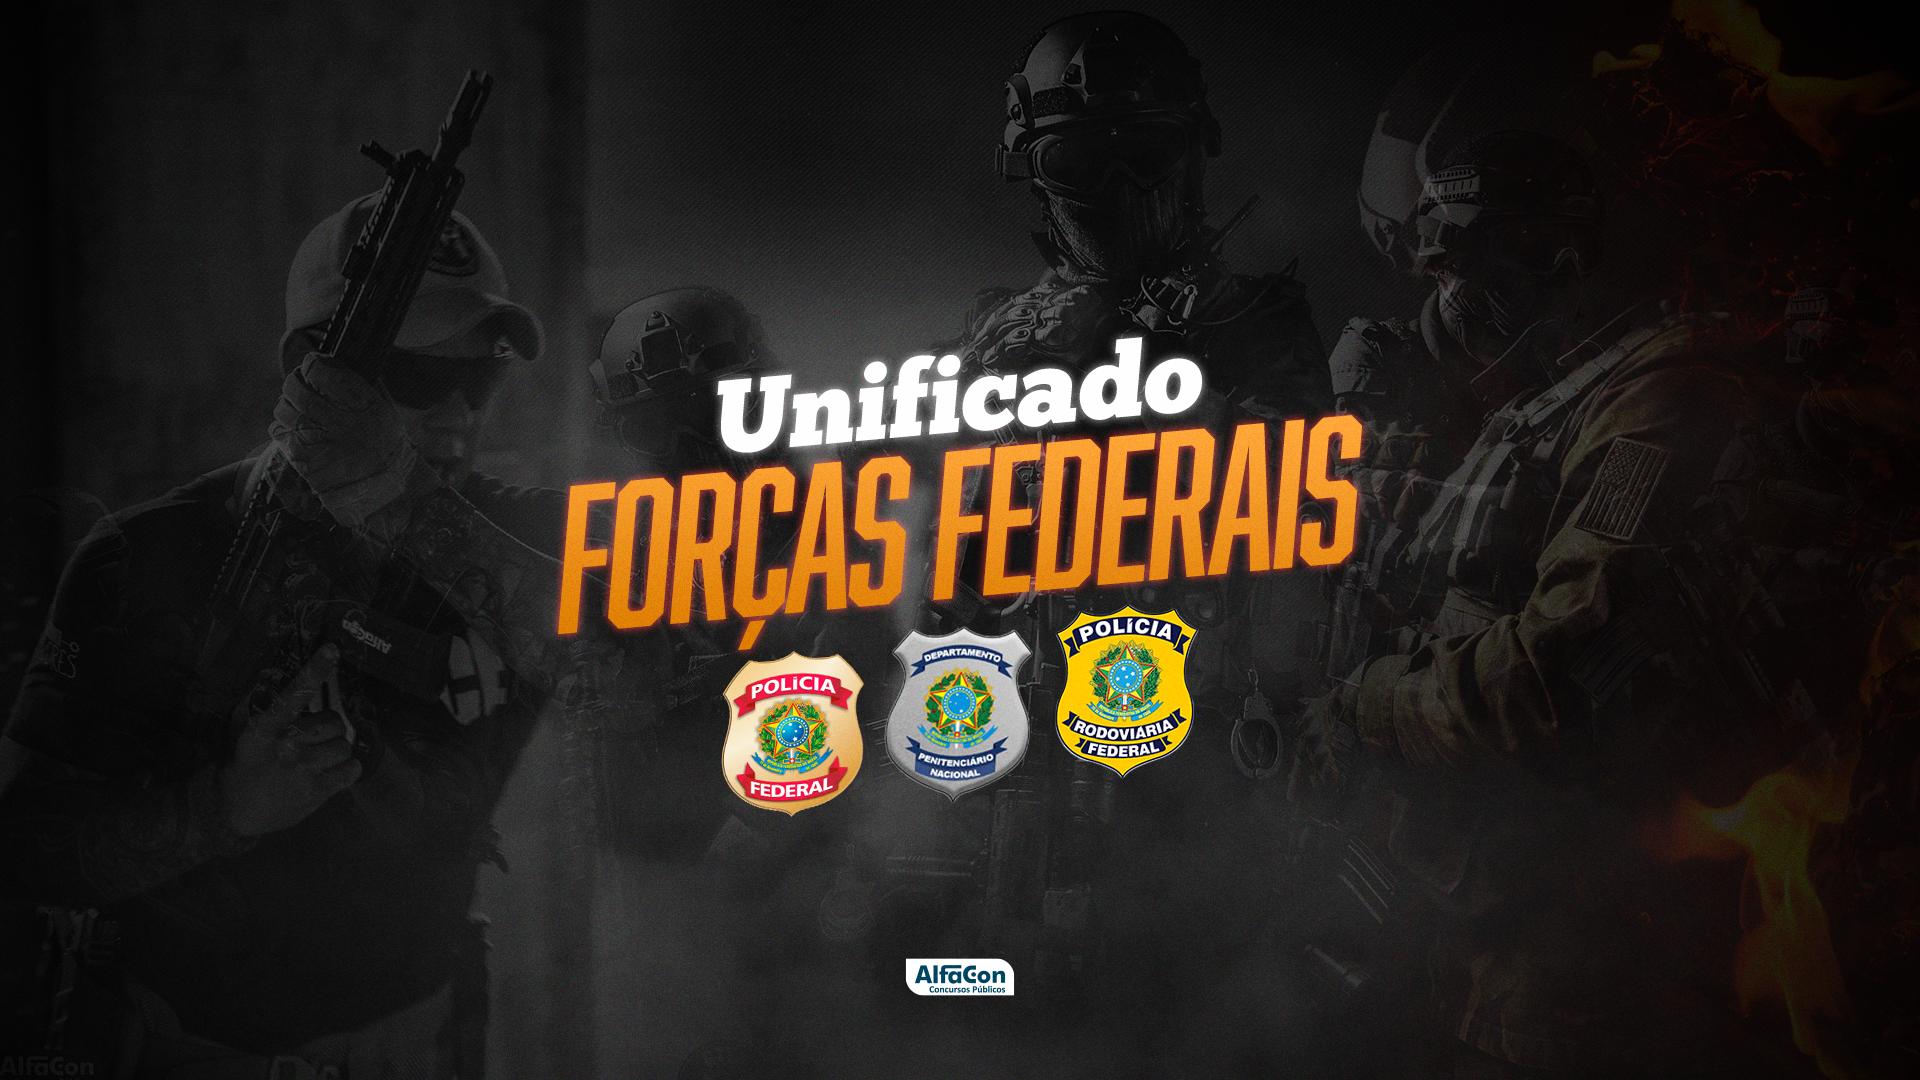 Unificado Forças Federais (Depen - PF - PRF)